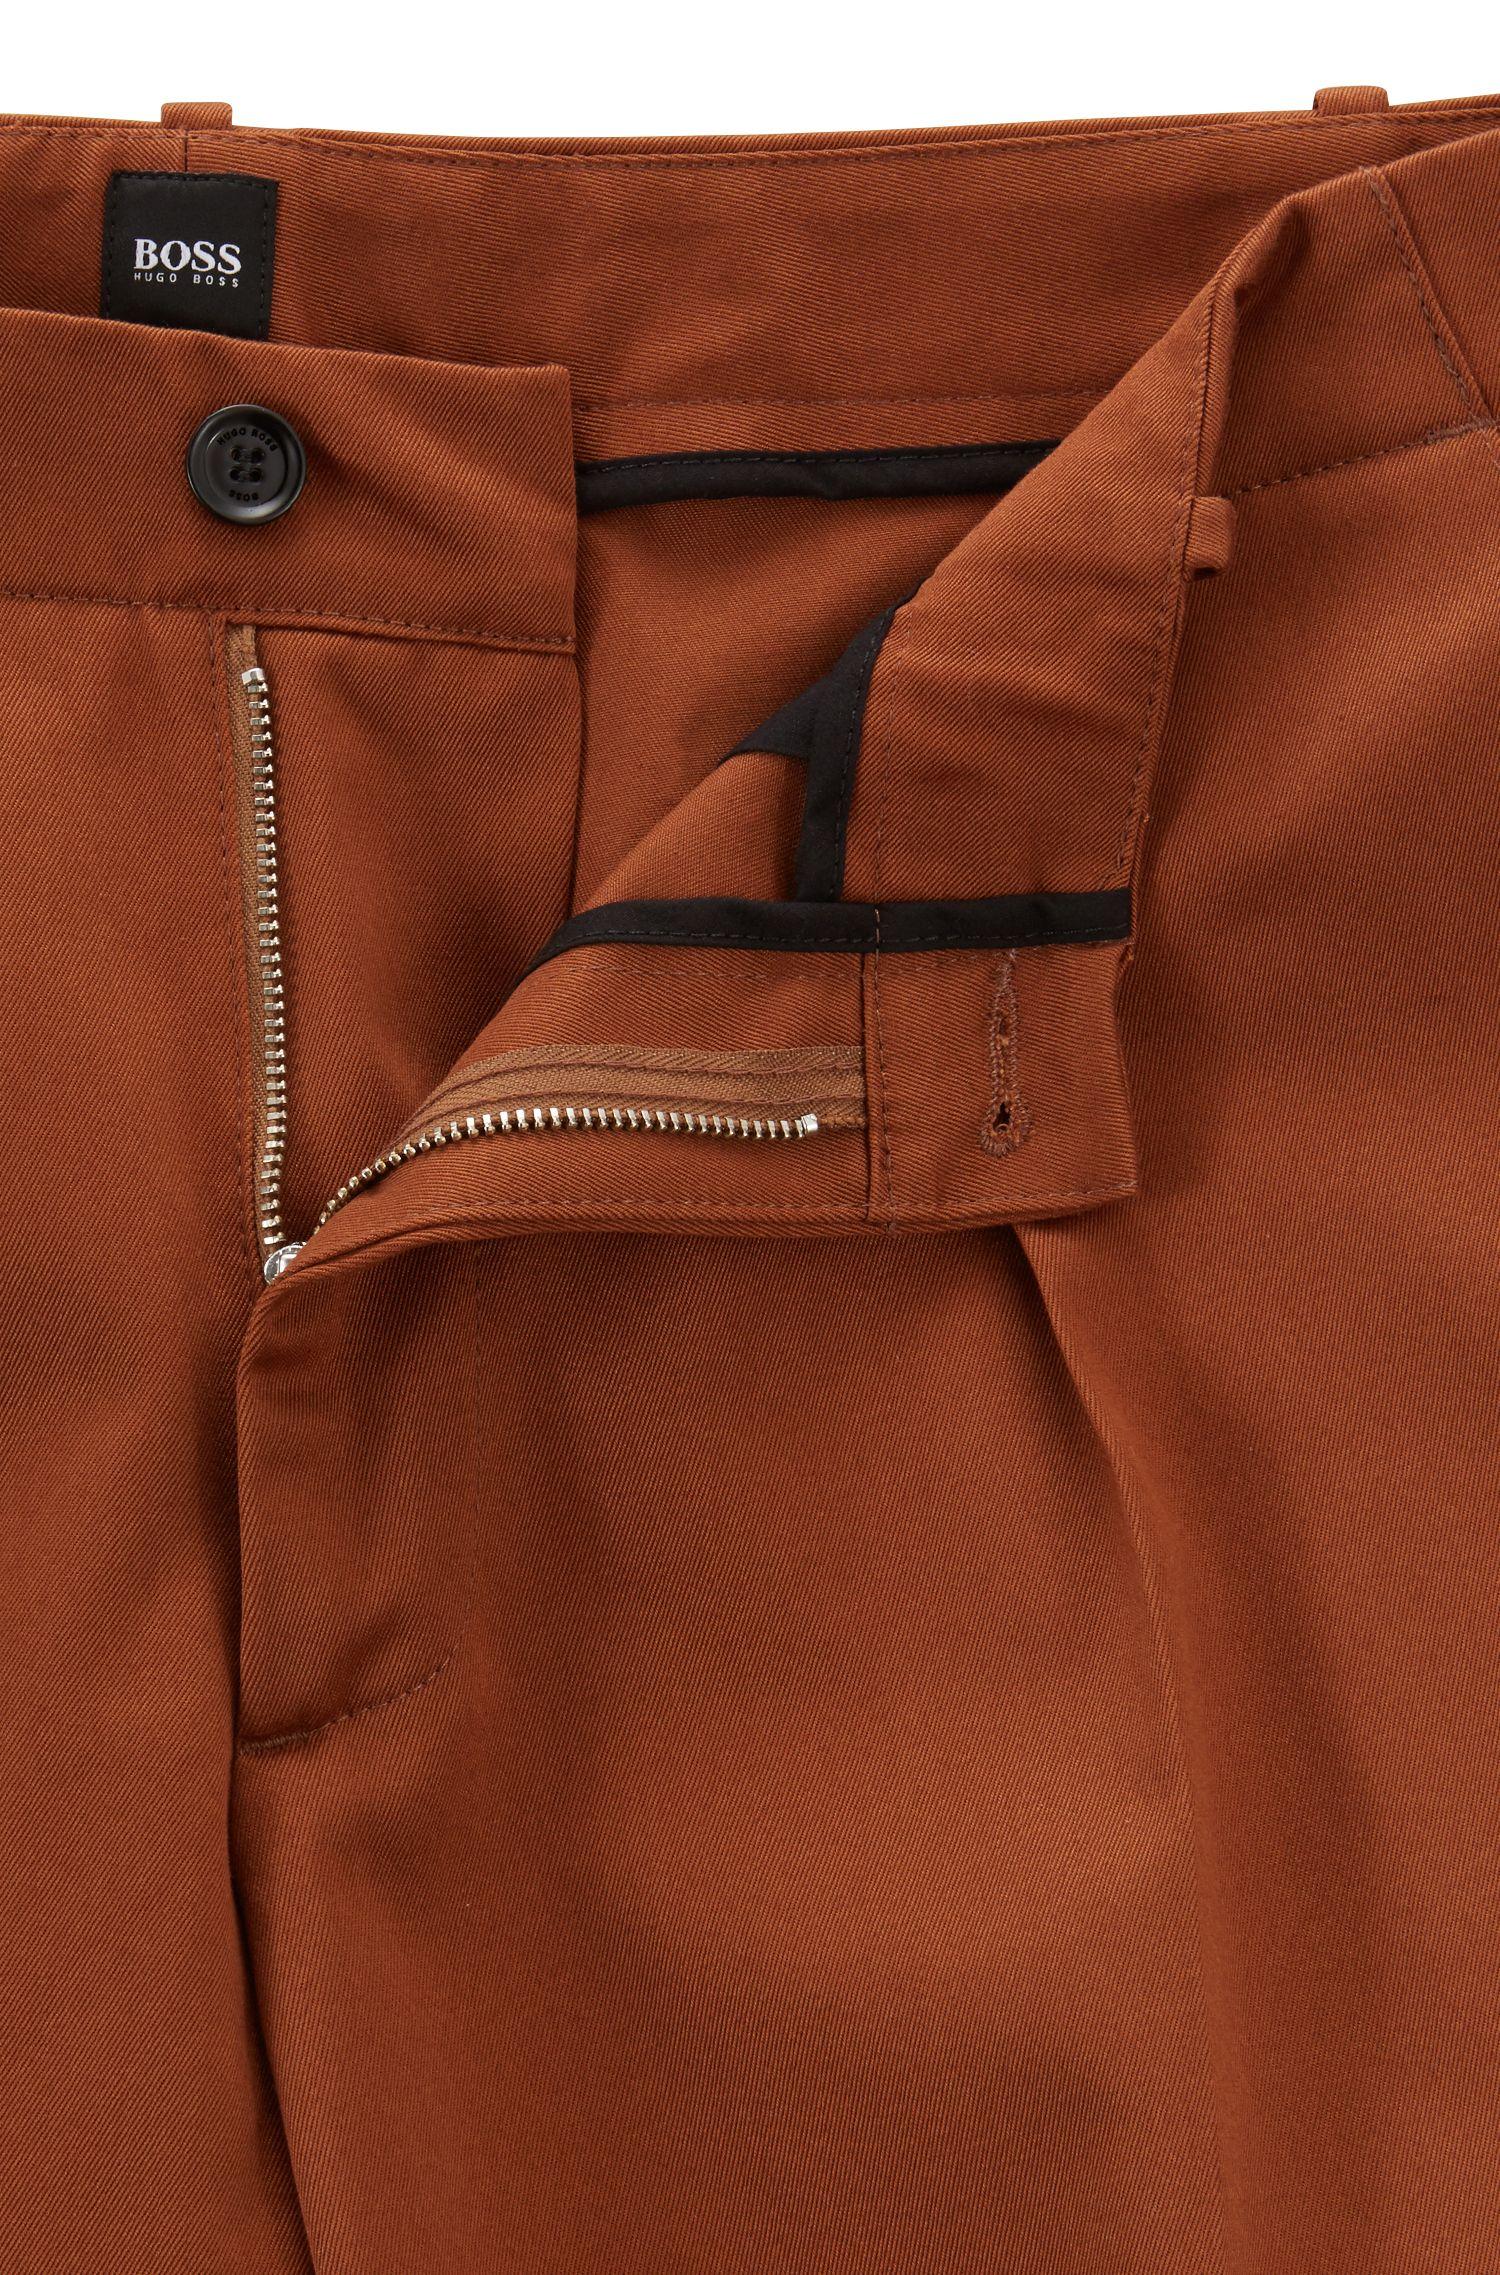 Hugo Boss - Pantalones relaxed fit en tejido de gabardina de algodón con bolsillos cosidos - 4